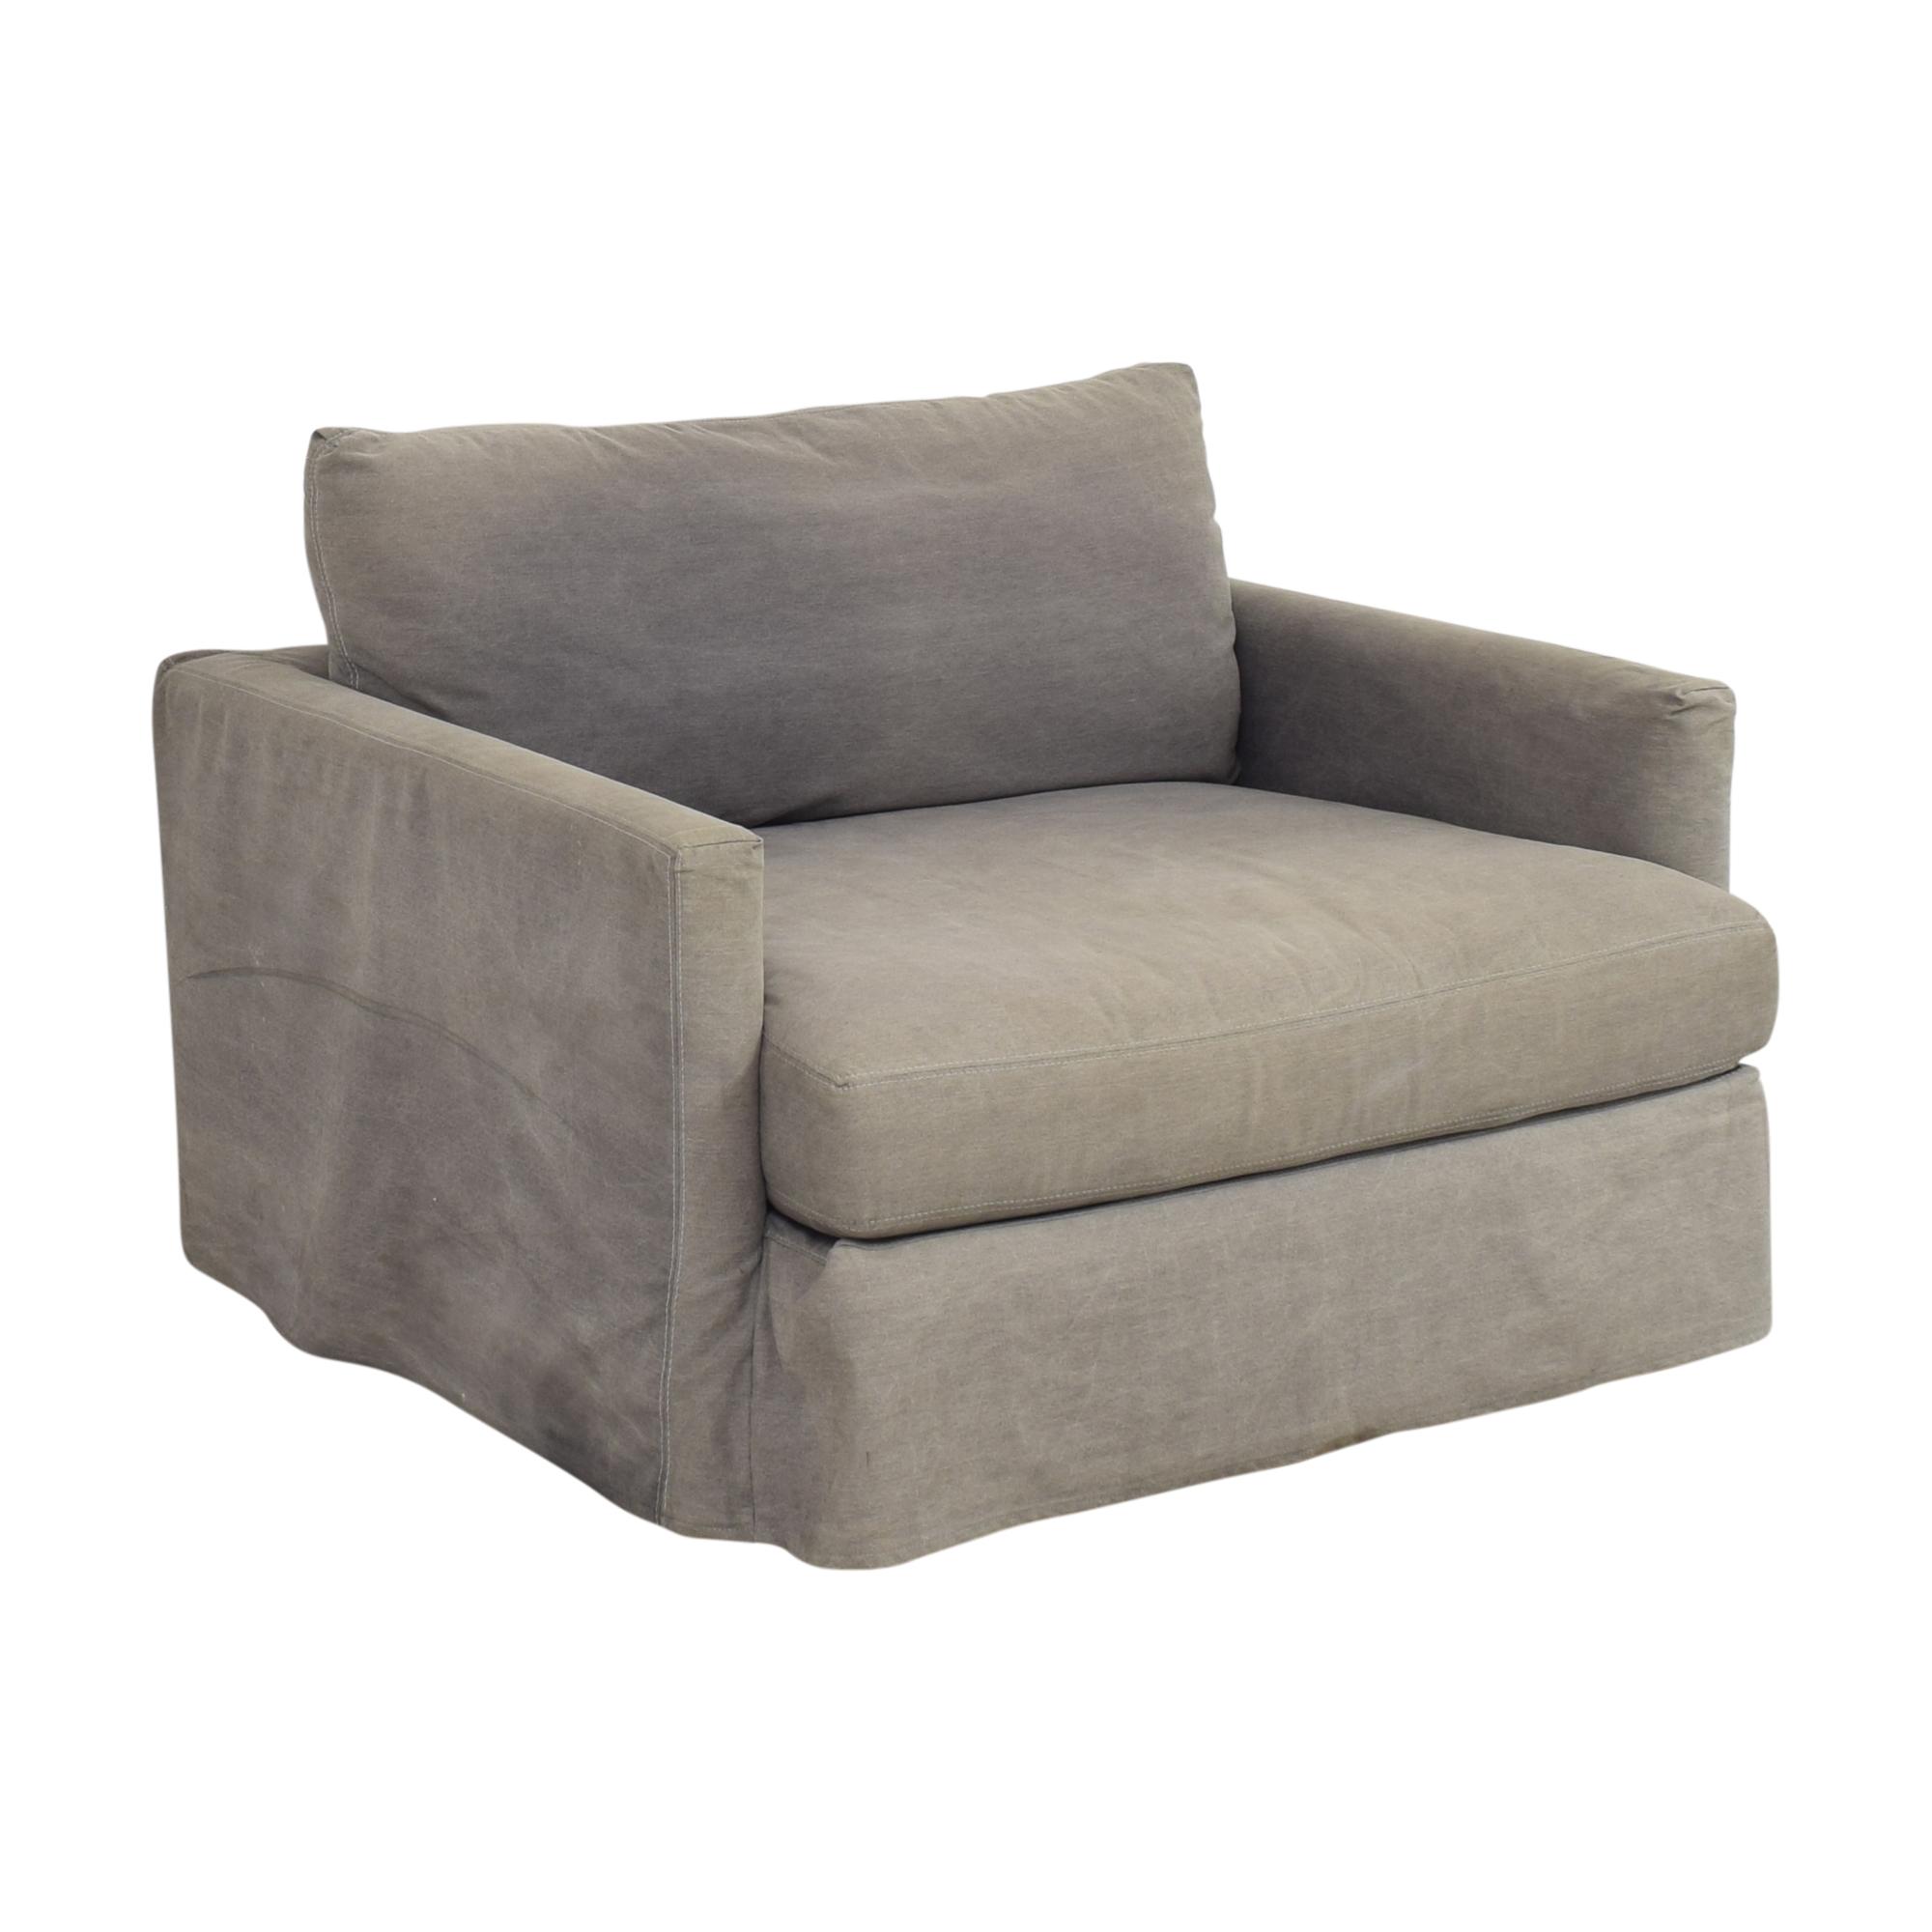 Crate & Barrel Crate & Barrel Chair and a Half gray